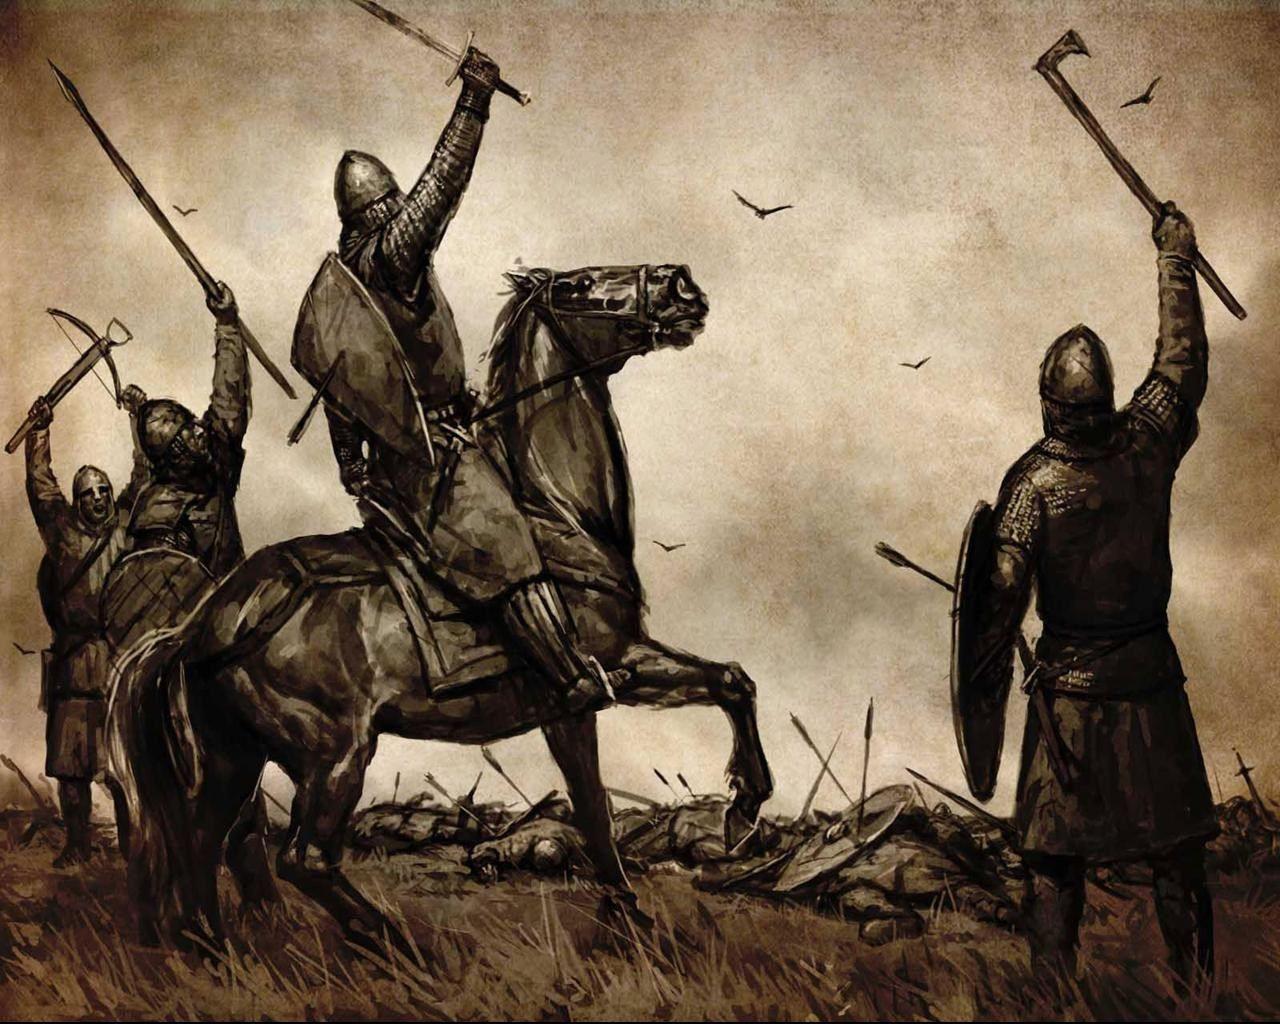 1280x1024 Wallpaper Images Mount And Blade Mount Blade Art War Art